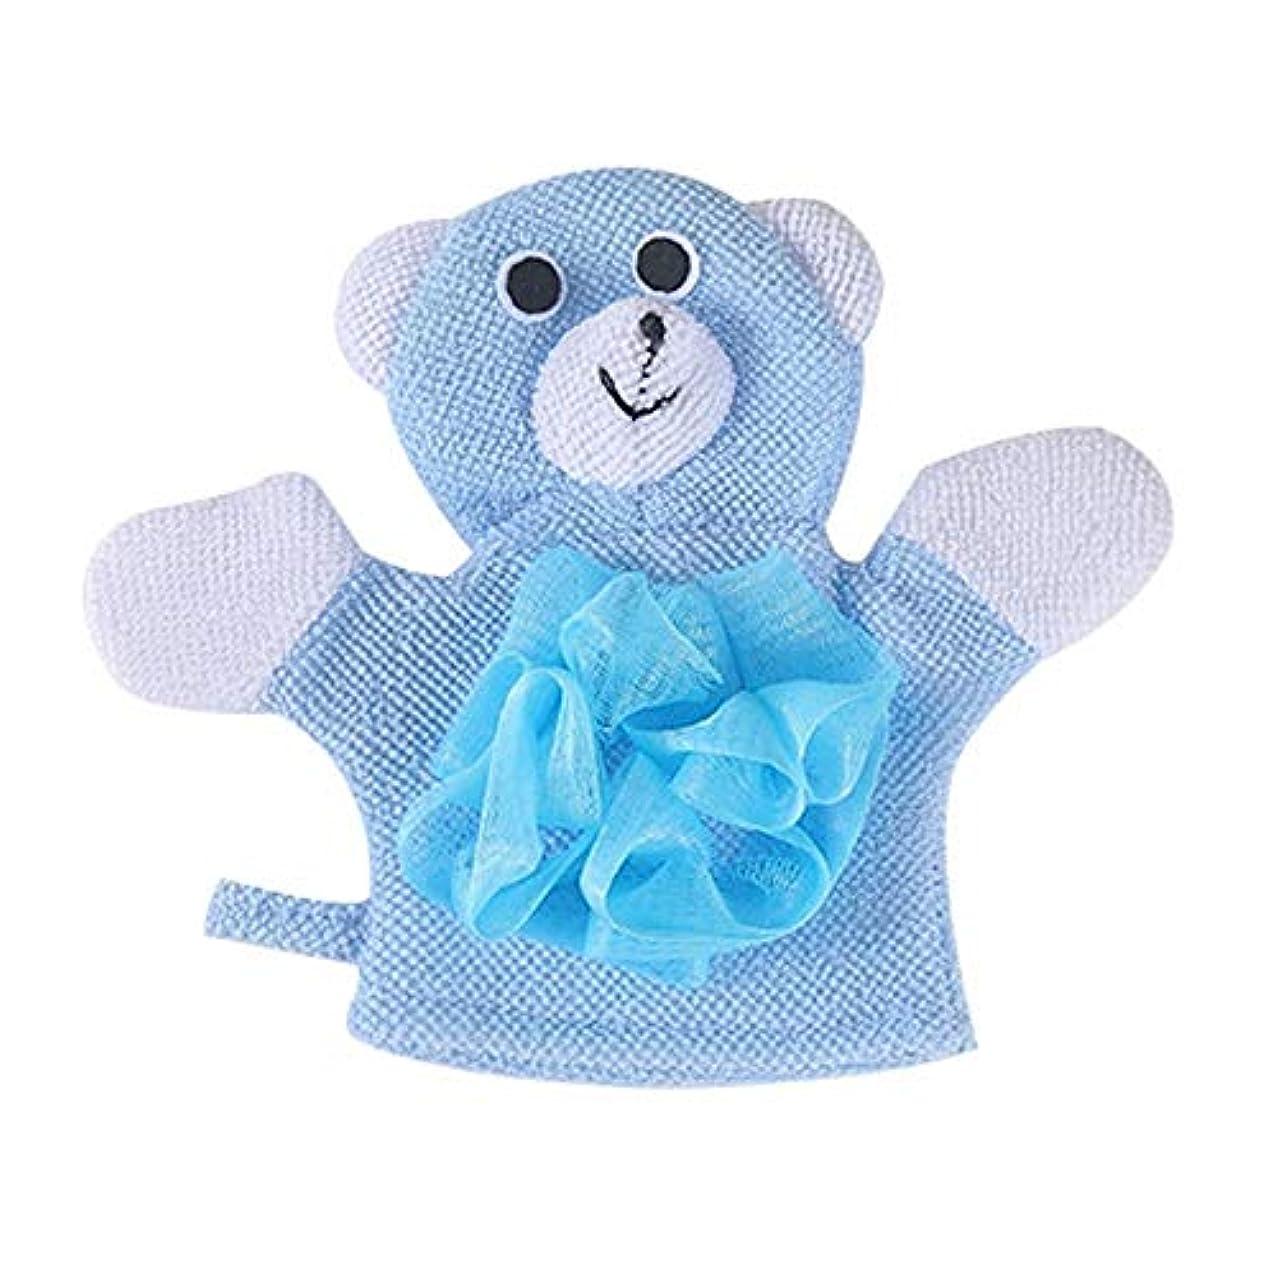 薬局ポゴスティックジャンプスパイBTXXYJP お風呂用手袋 あかすり シャワー手袋 ボディブラシ やわらか バス用品 ボディタオル 角質除去 (Color : Blue)